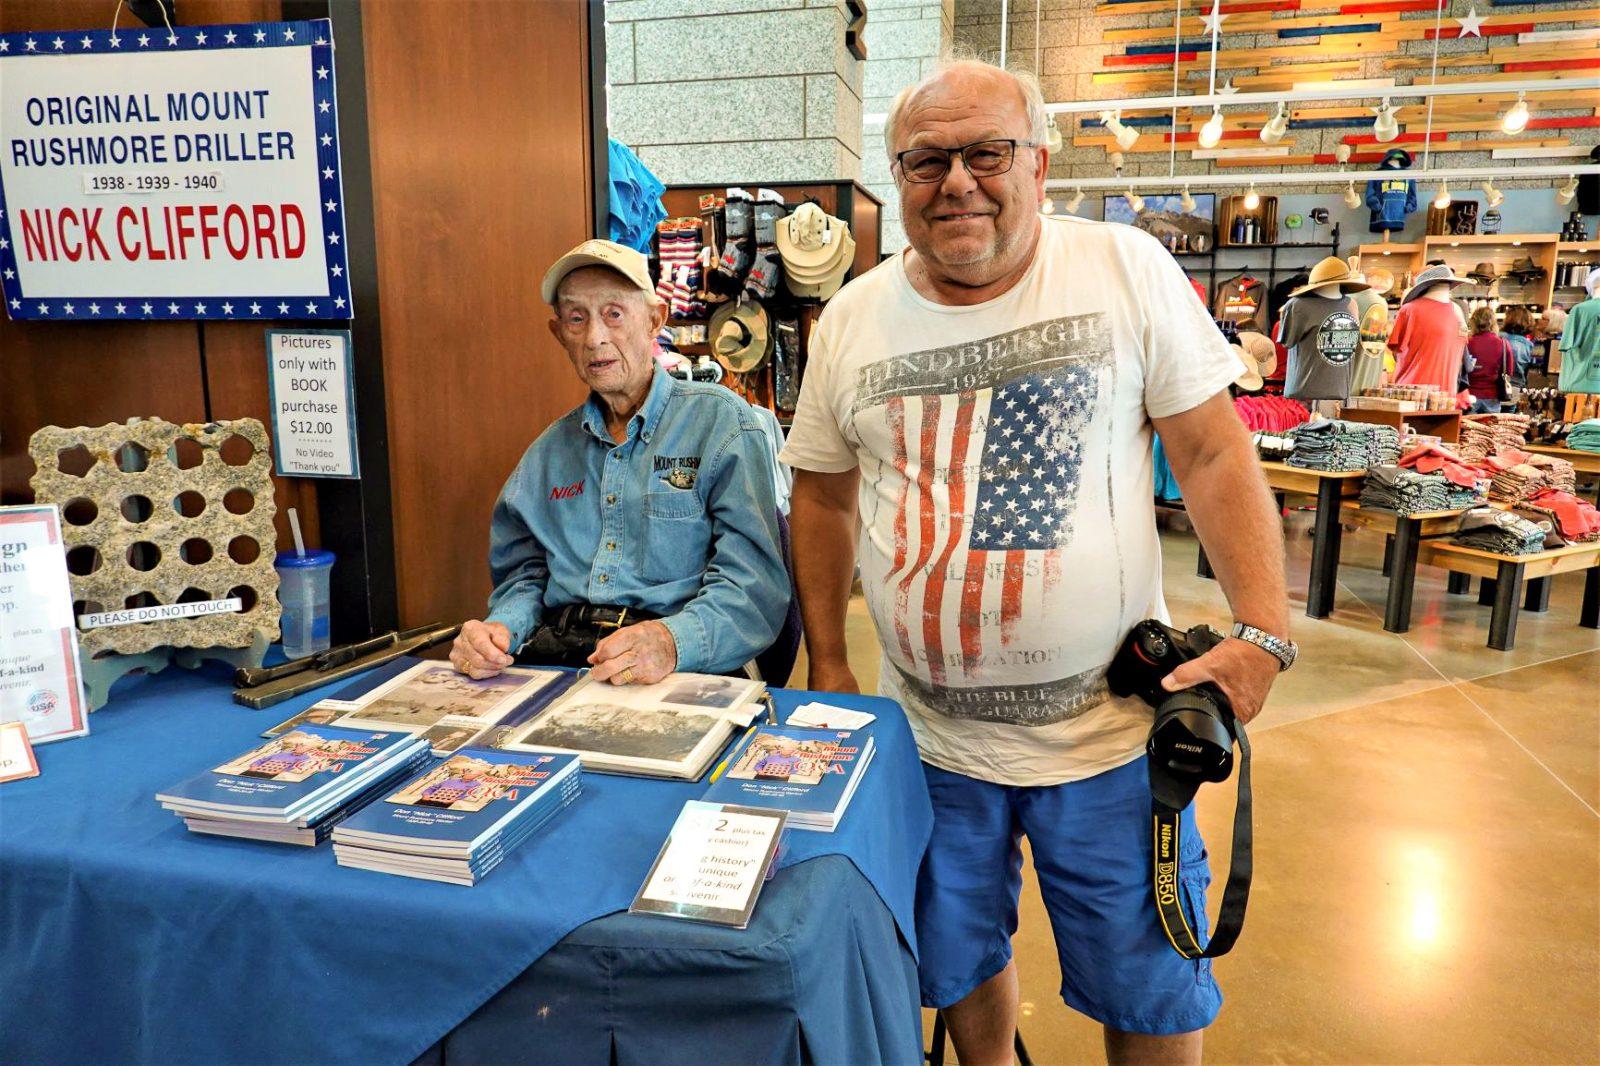 Vi var så heldige å treffe på eneste gjenlevende av de arbeiderne som var med å bygde monumentet Nick Clifford . Han er nå 98 år. Vi kjøpte en bok han signerte.